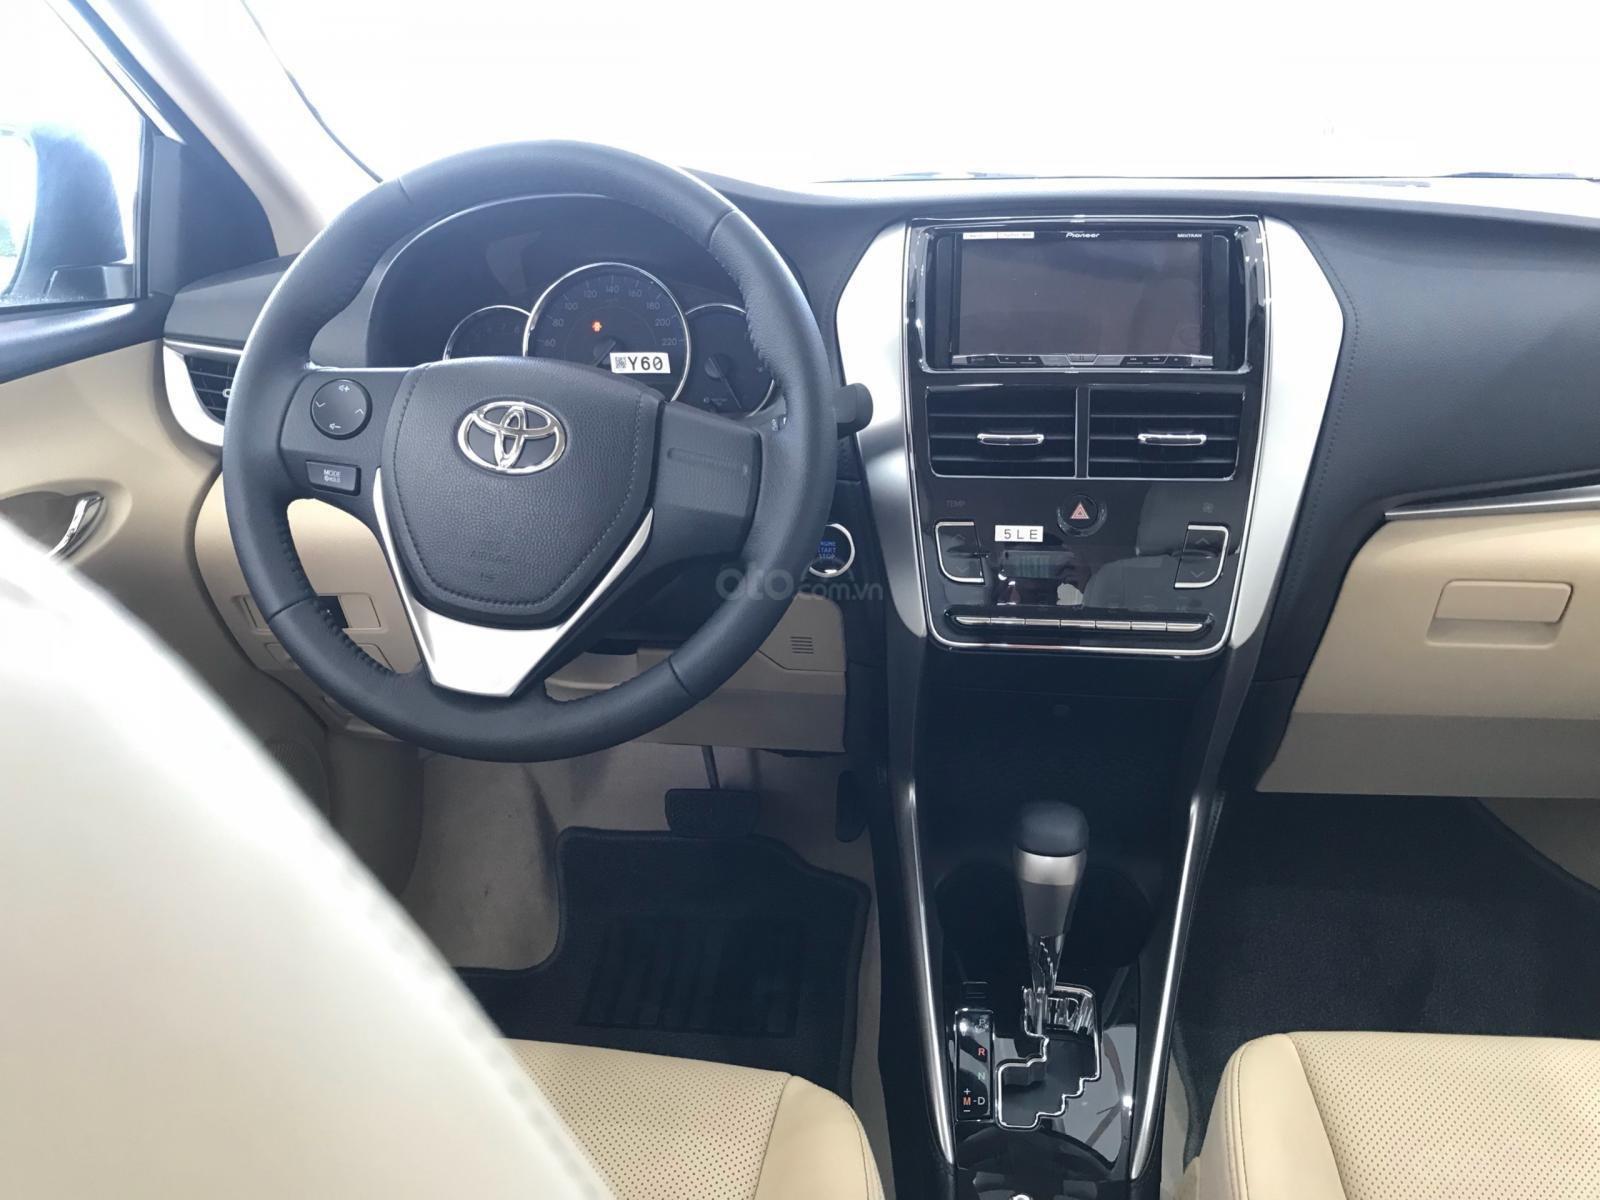 Toyota Vios G 2019 số tự động, màu trắng, giá giảm mạnh, nay chỉ còn 571 triệu full option-3